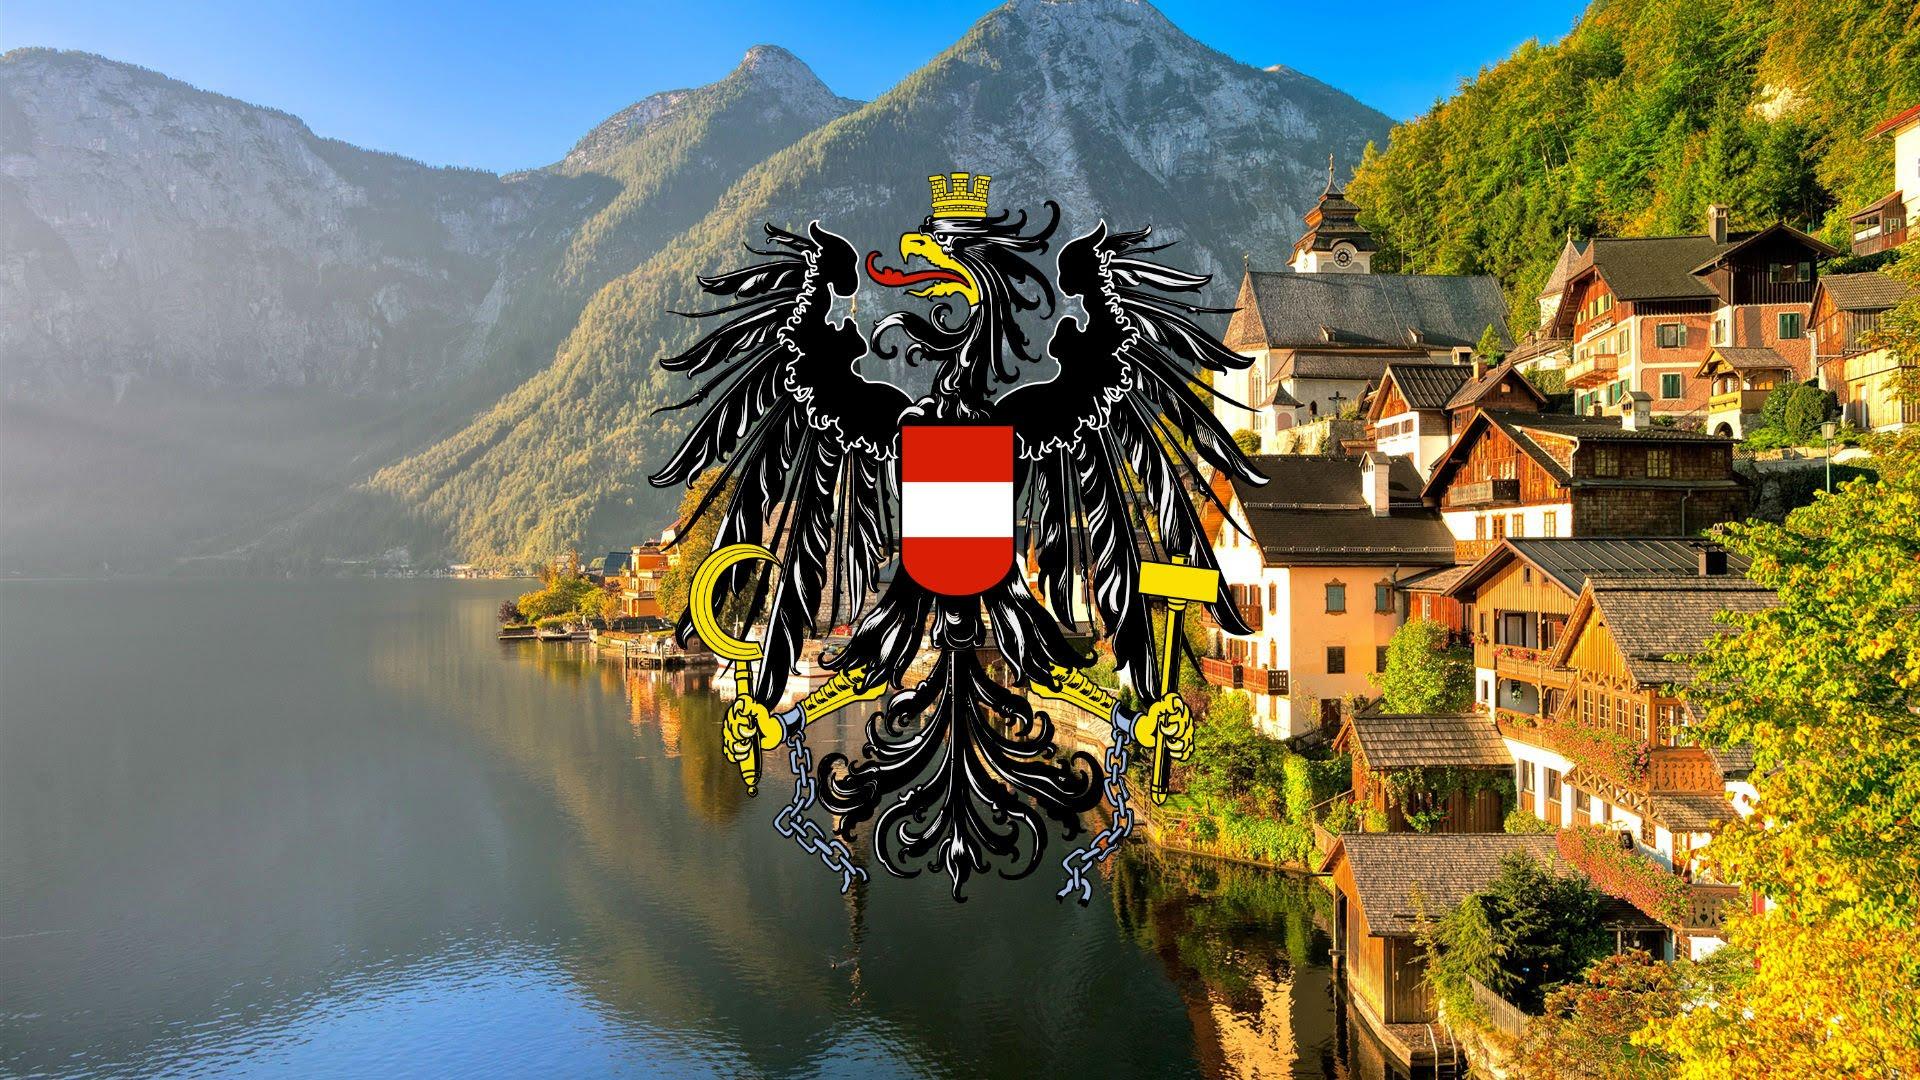 [Áo] Học Bổng Toàn Phần Của Chính Phủ Cộng Hòa Áo Dành Cho Sinh Viên Quốc Tế 2018-2019